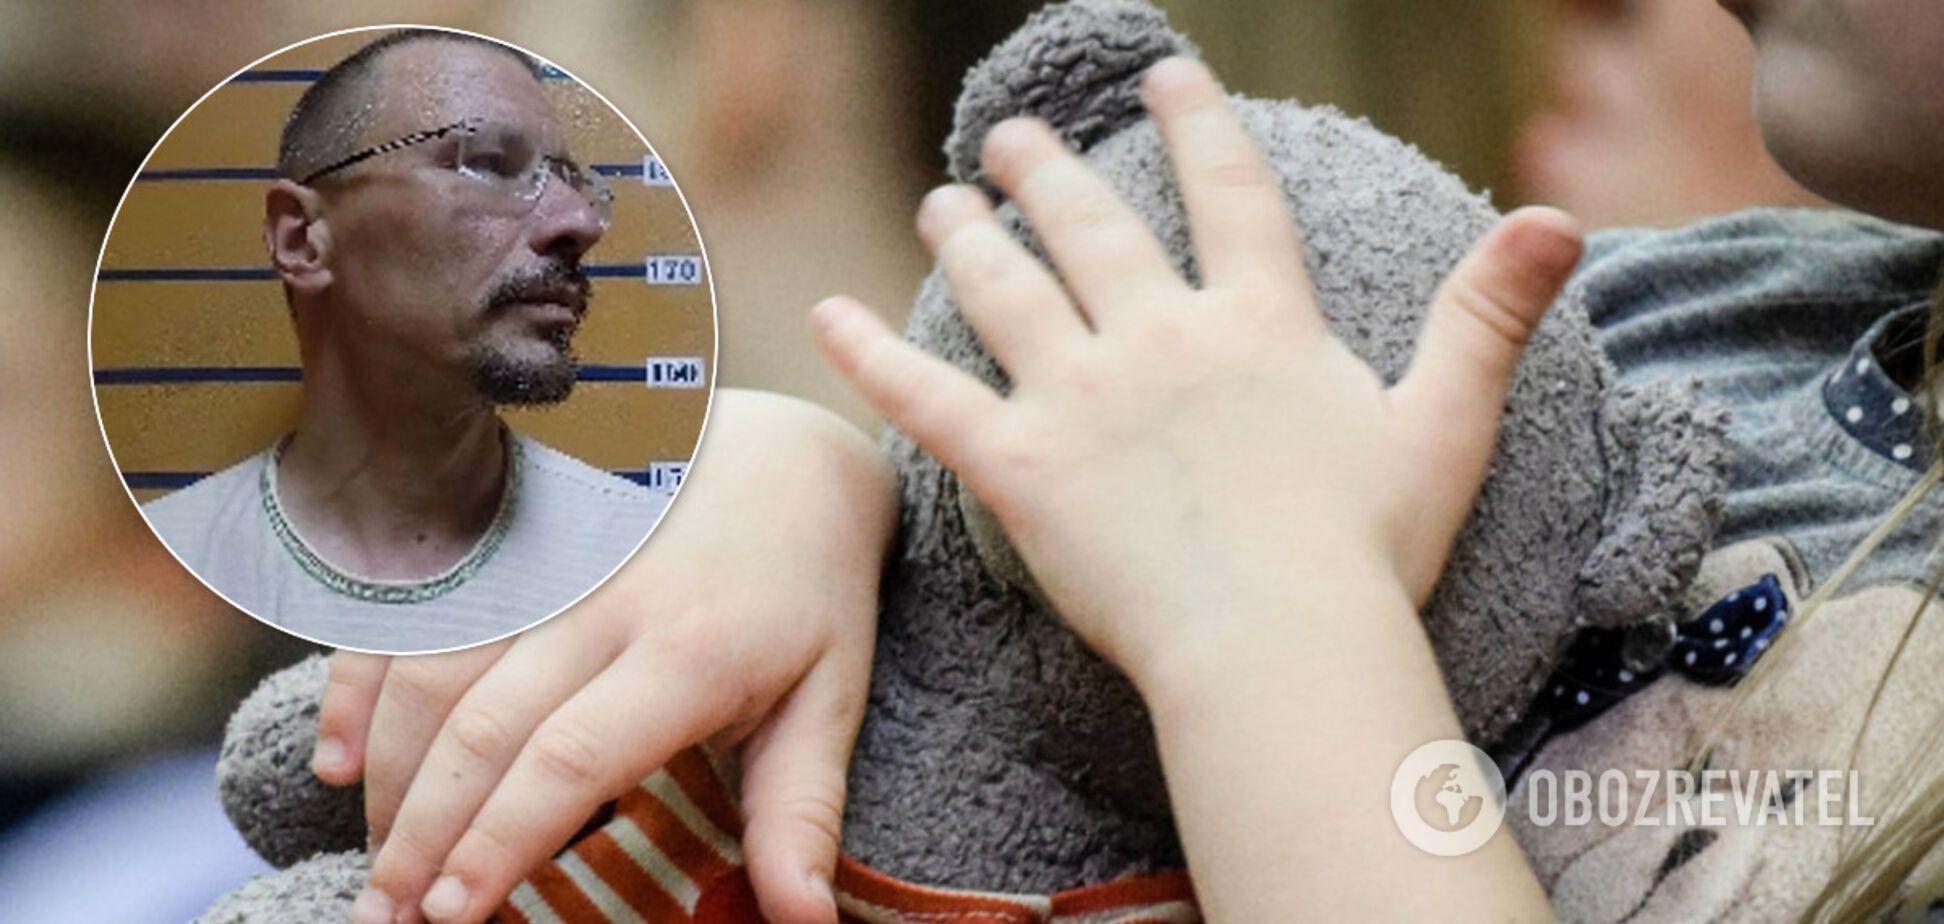 Депутат-педофил годами охотился на детей, а потом прятался в Киеве. Эксклюзивные детали